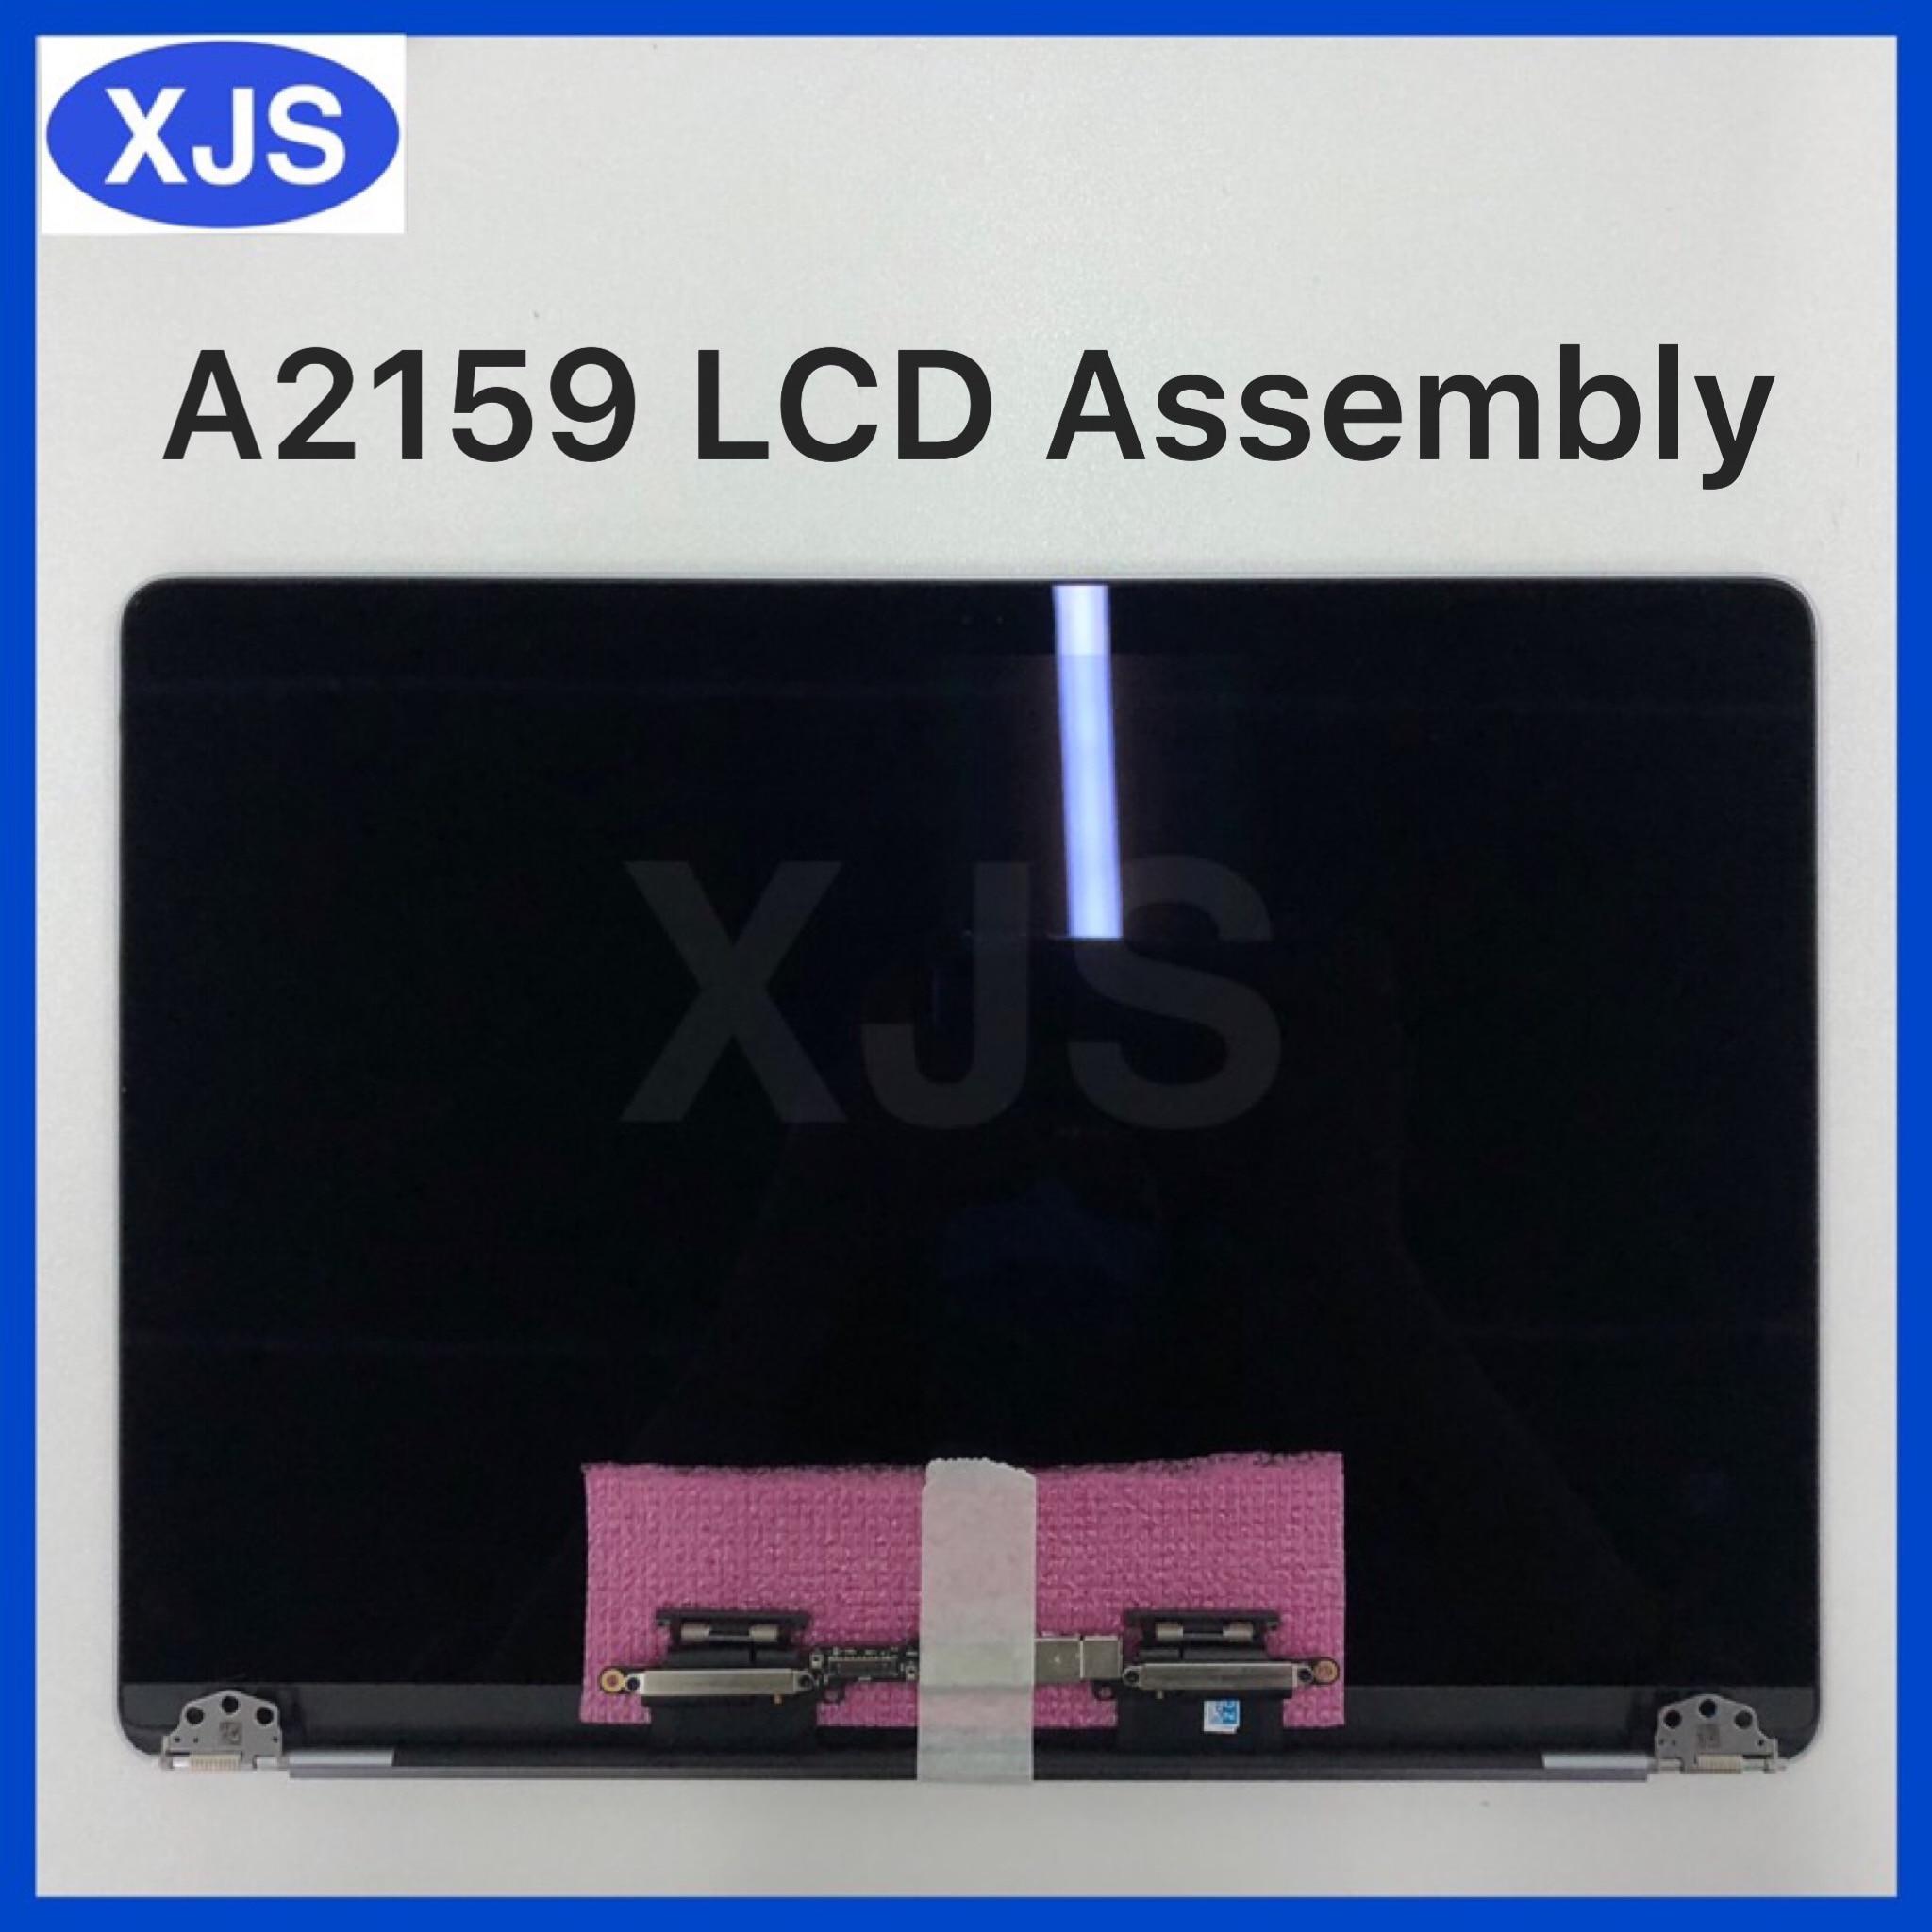 2019 ano original novo espaço cinza montagem da tela lcd a2159 para macbook pro retina 13